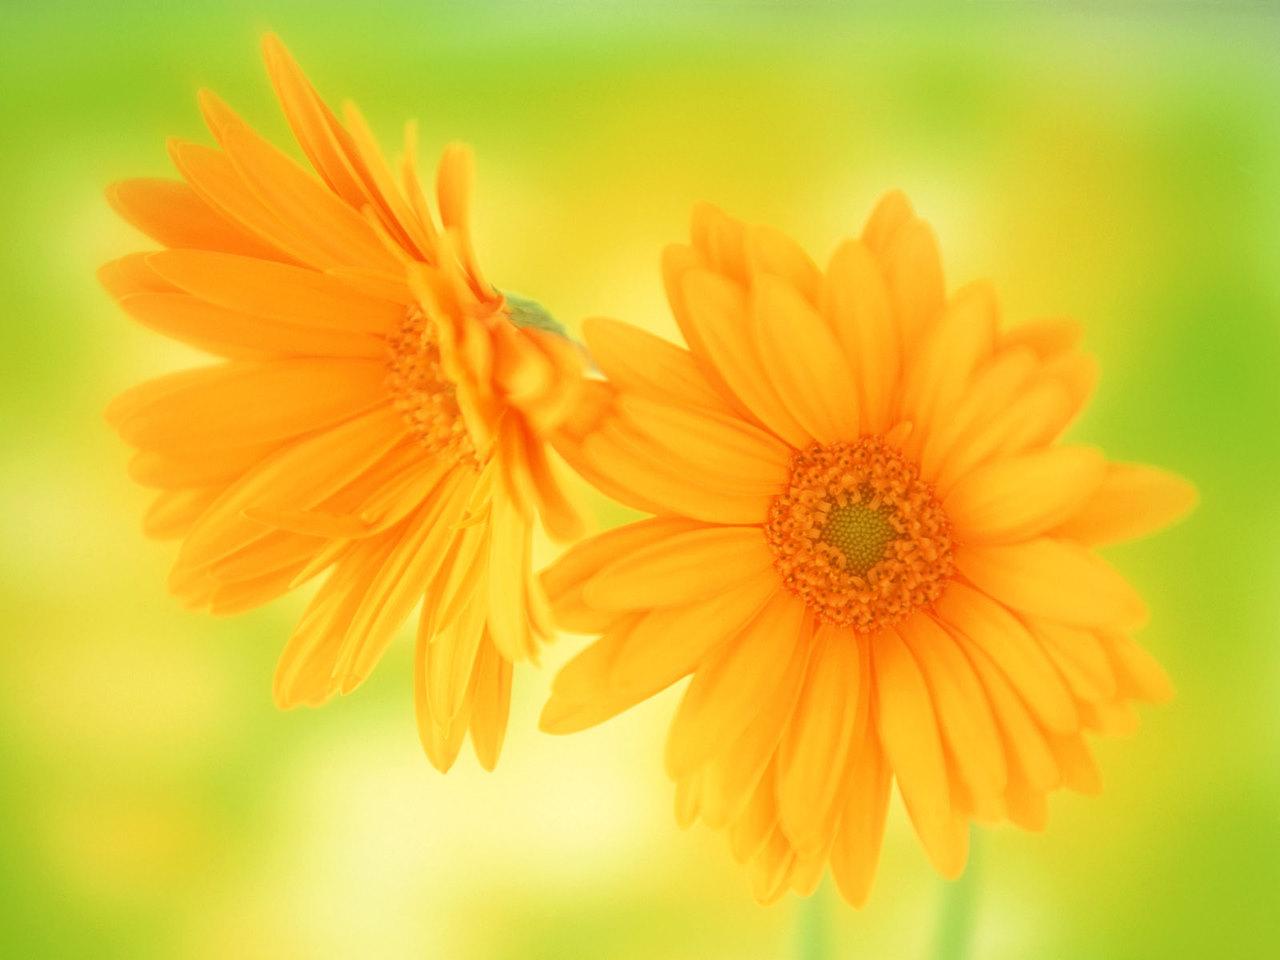 Beautiful Flower Desktop Wallpapers Hd Beautiful flow 1280x960